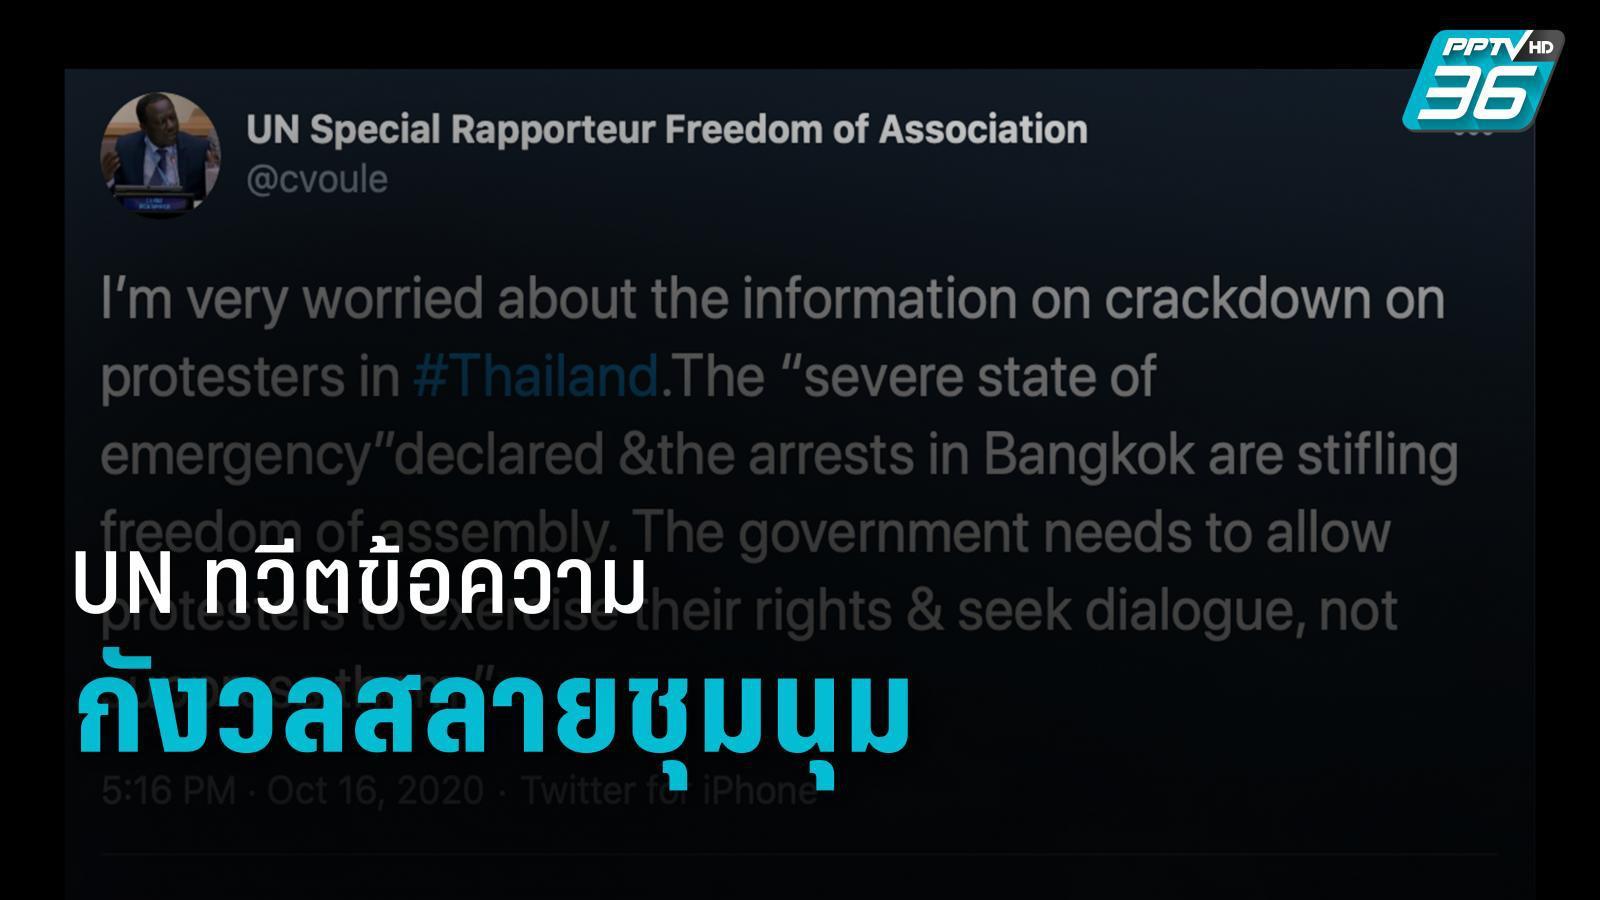 สหประชาชาติ ทวีตแสดงความกังวลต่อการสลายการชุมนุม